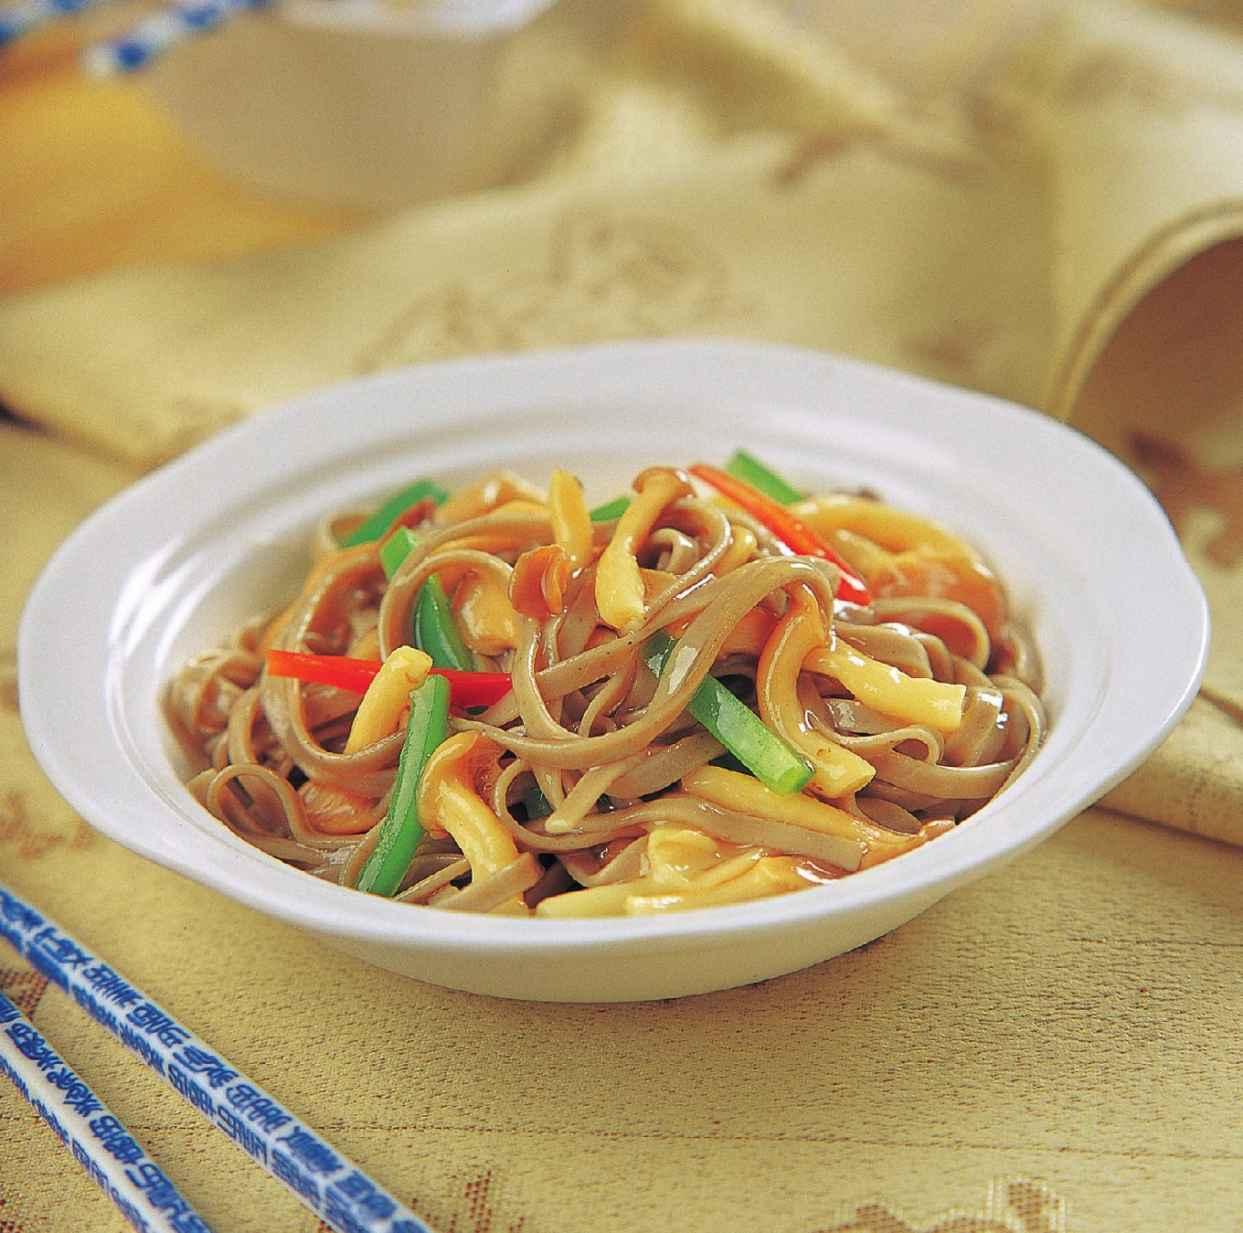 蟹味菇拌荞麦面怎么做?蟹味菇拌荞麦面的家常做法